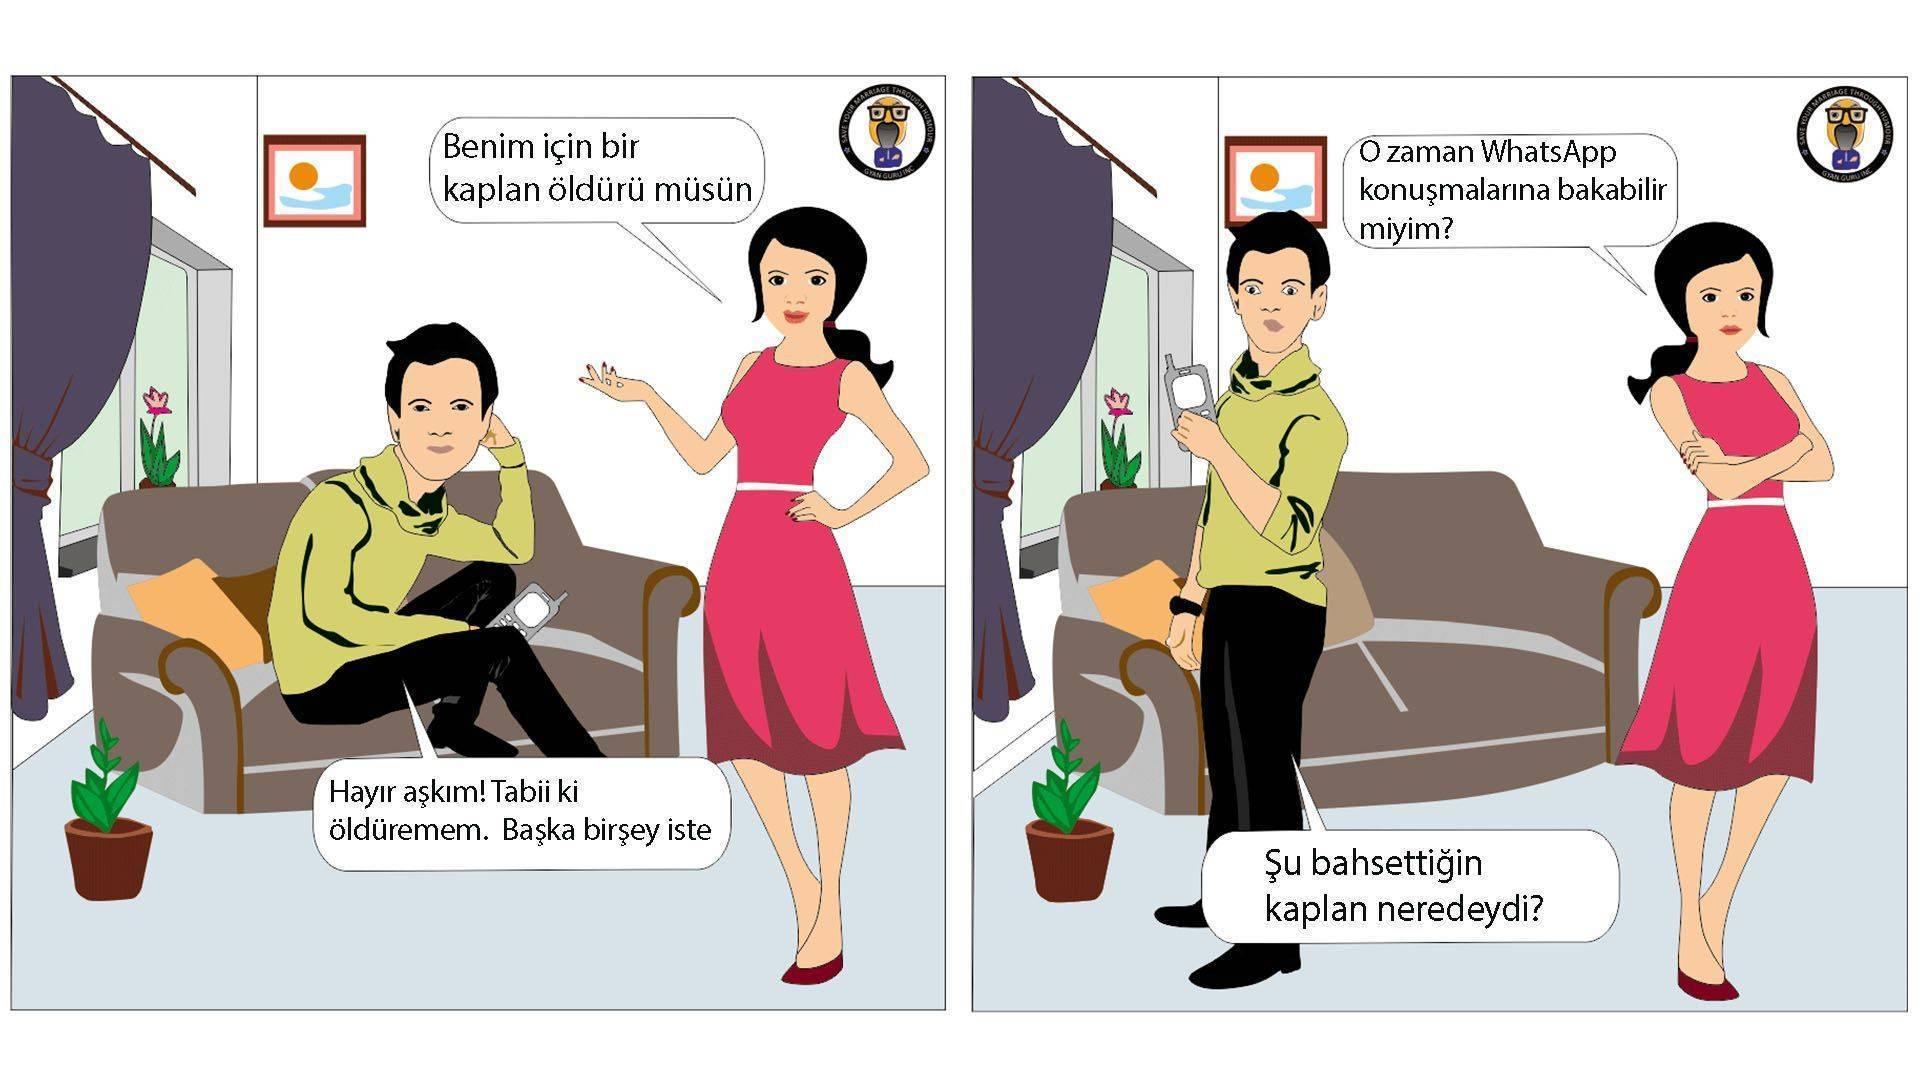 whatsapp güven problemlerine hatta boşanmaya yol açabiliyor kariktür